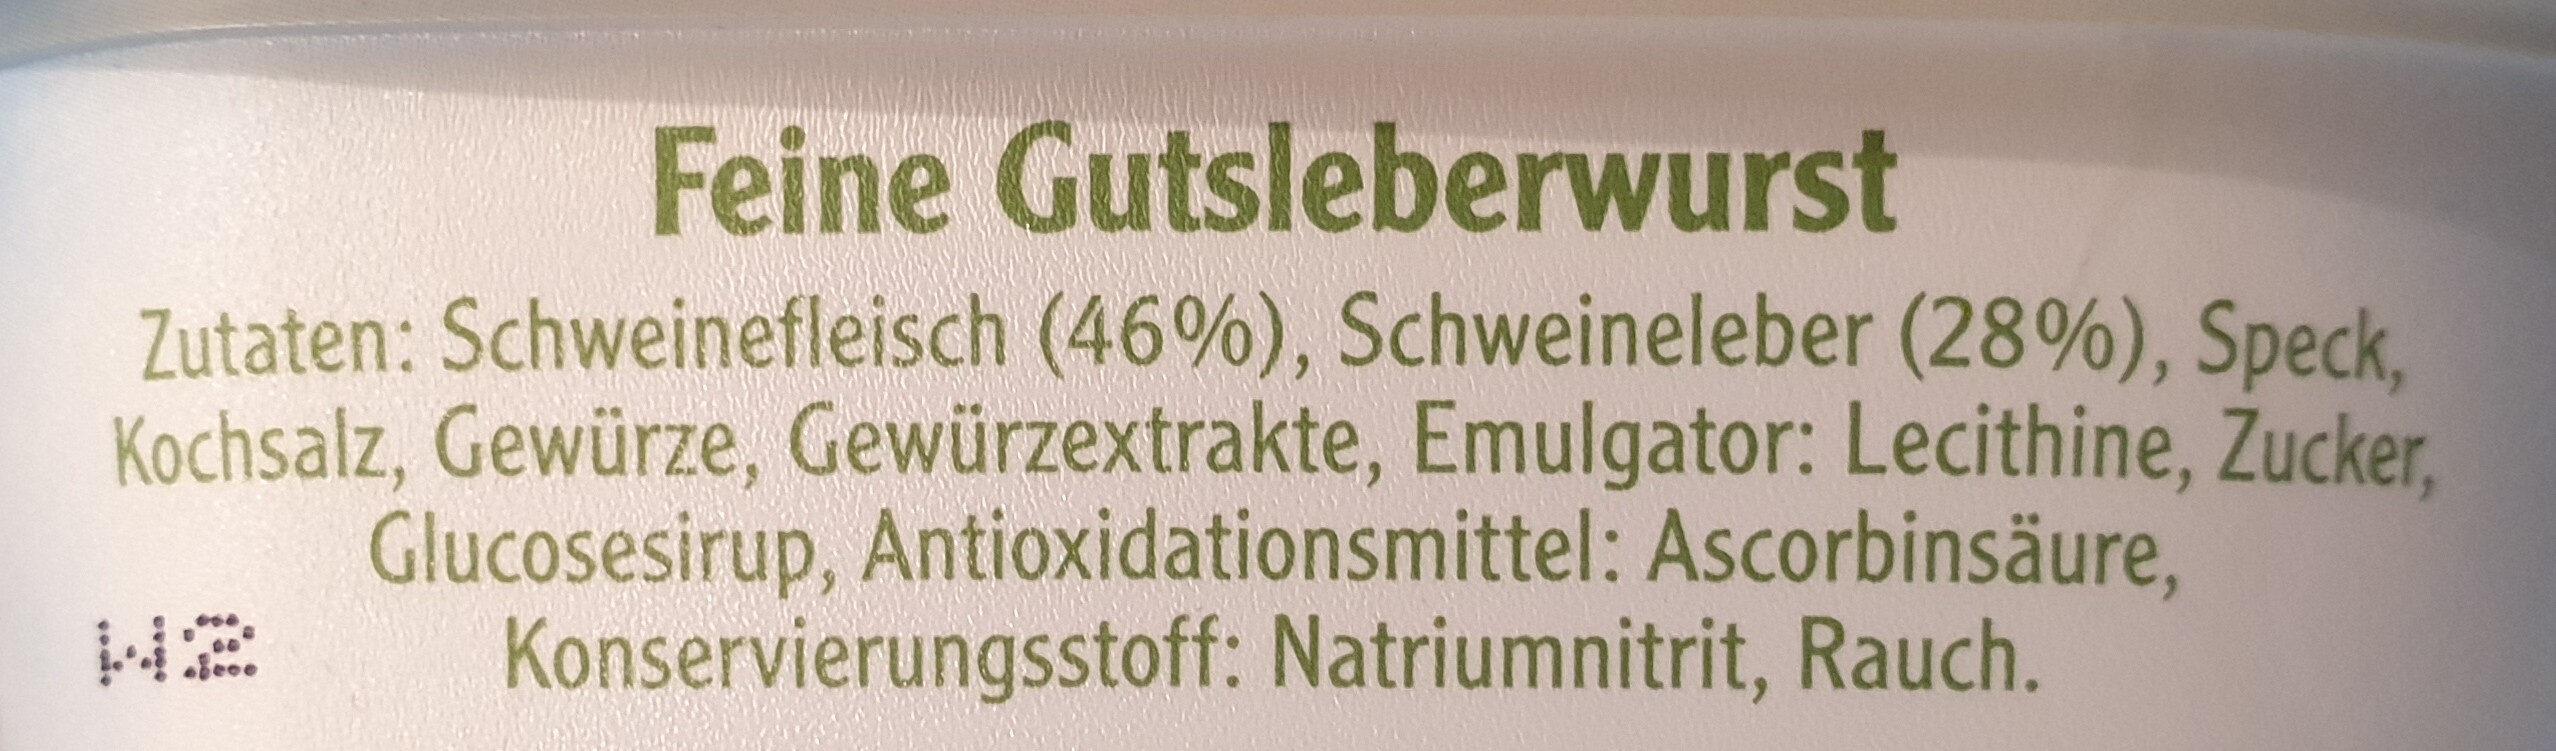 Pommersche Leberwurst - Zutaten - de